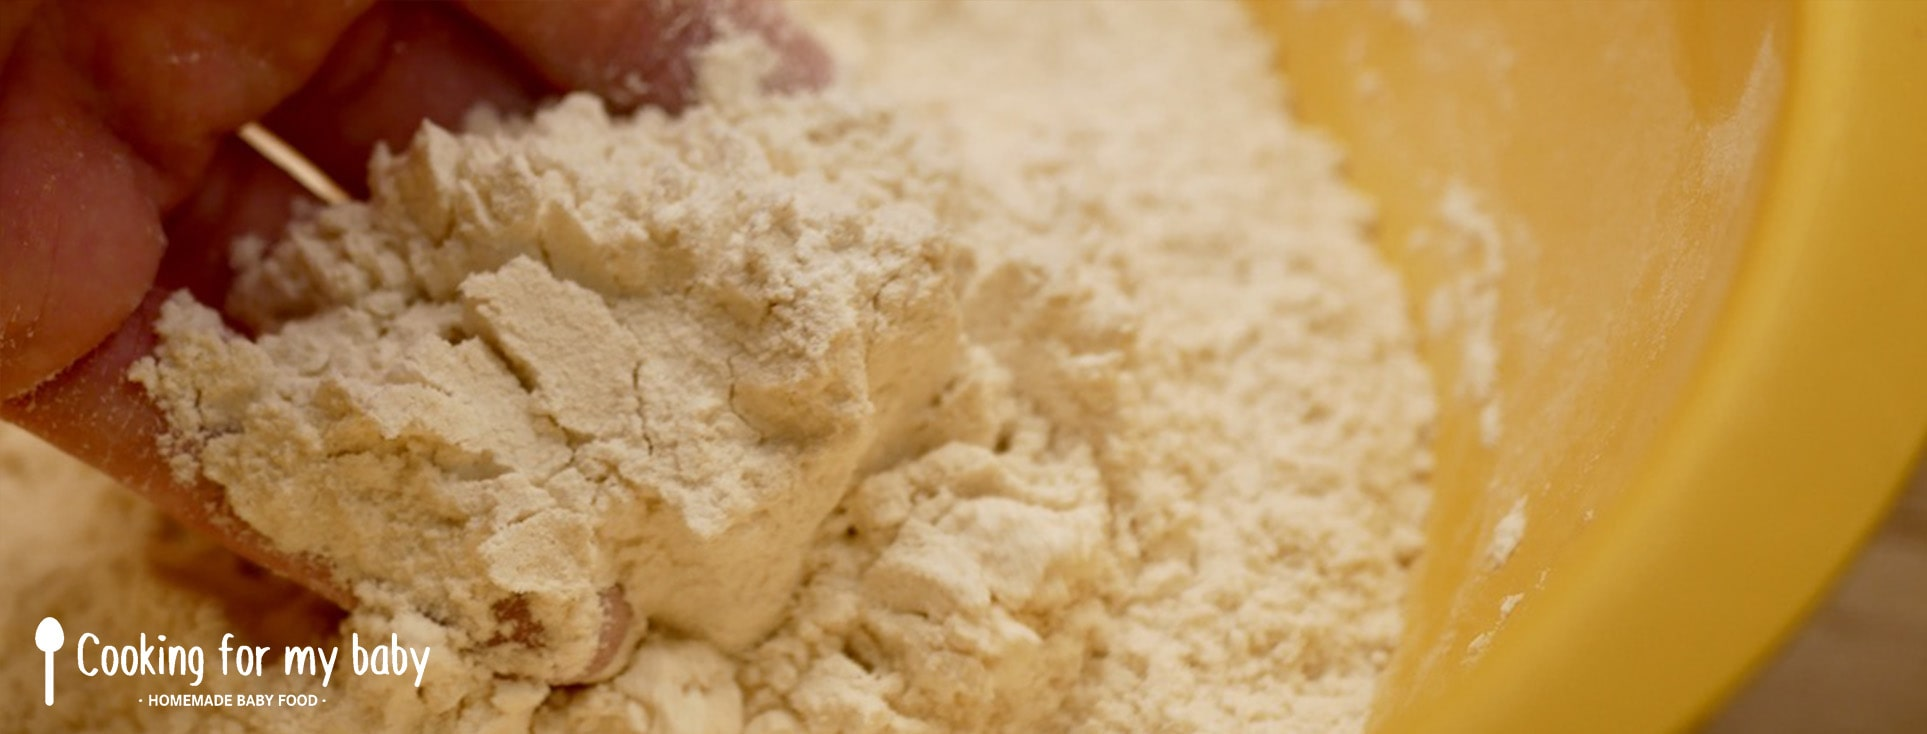 Mélanger ingrédients secs pour pains burgers briochés